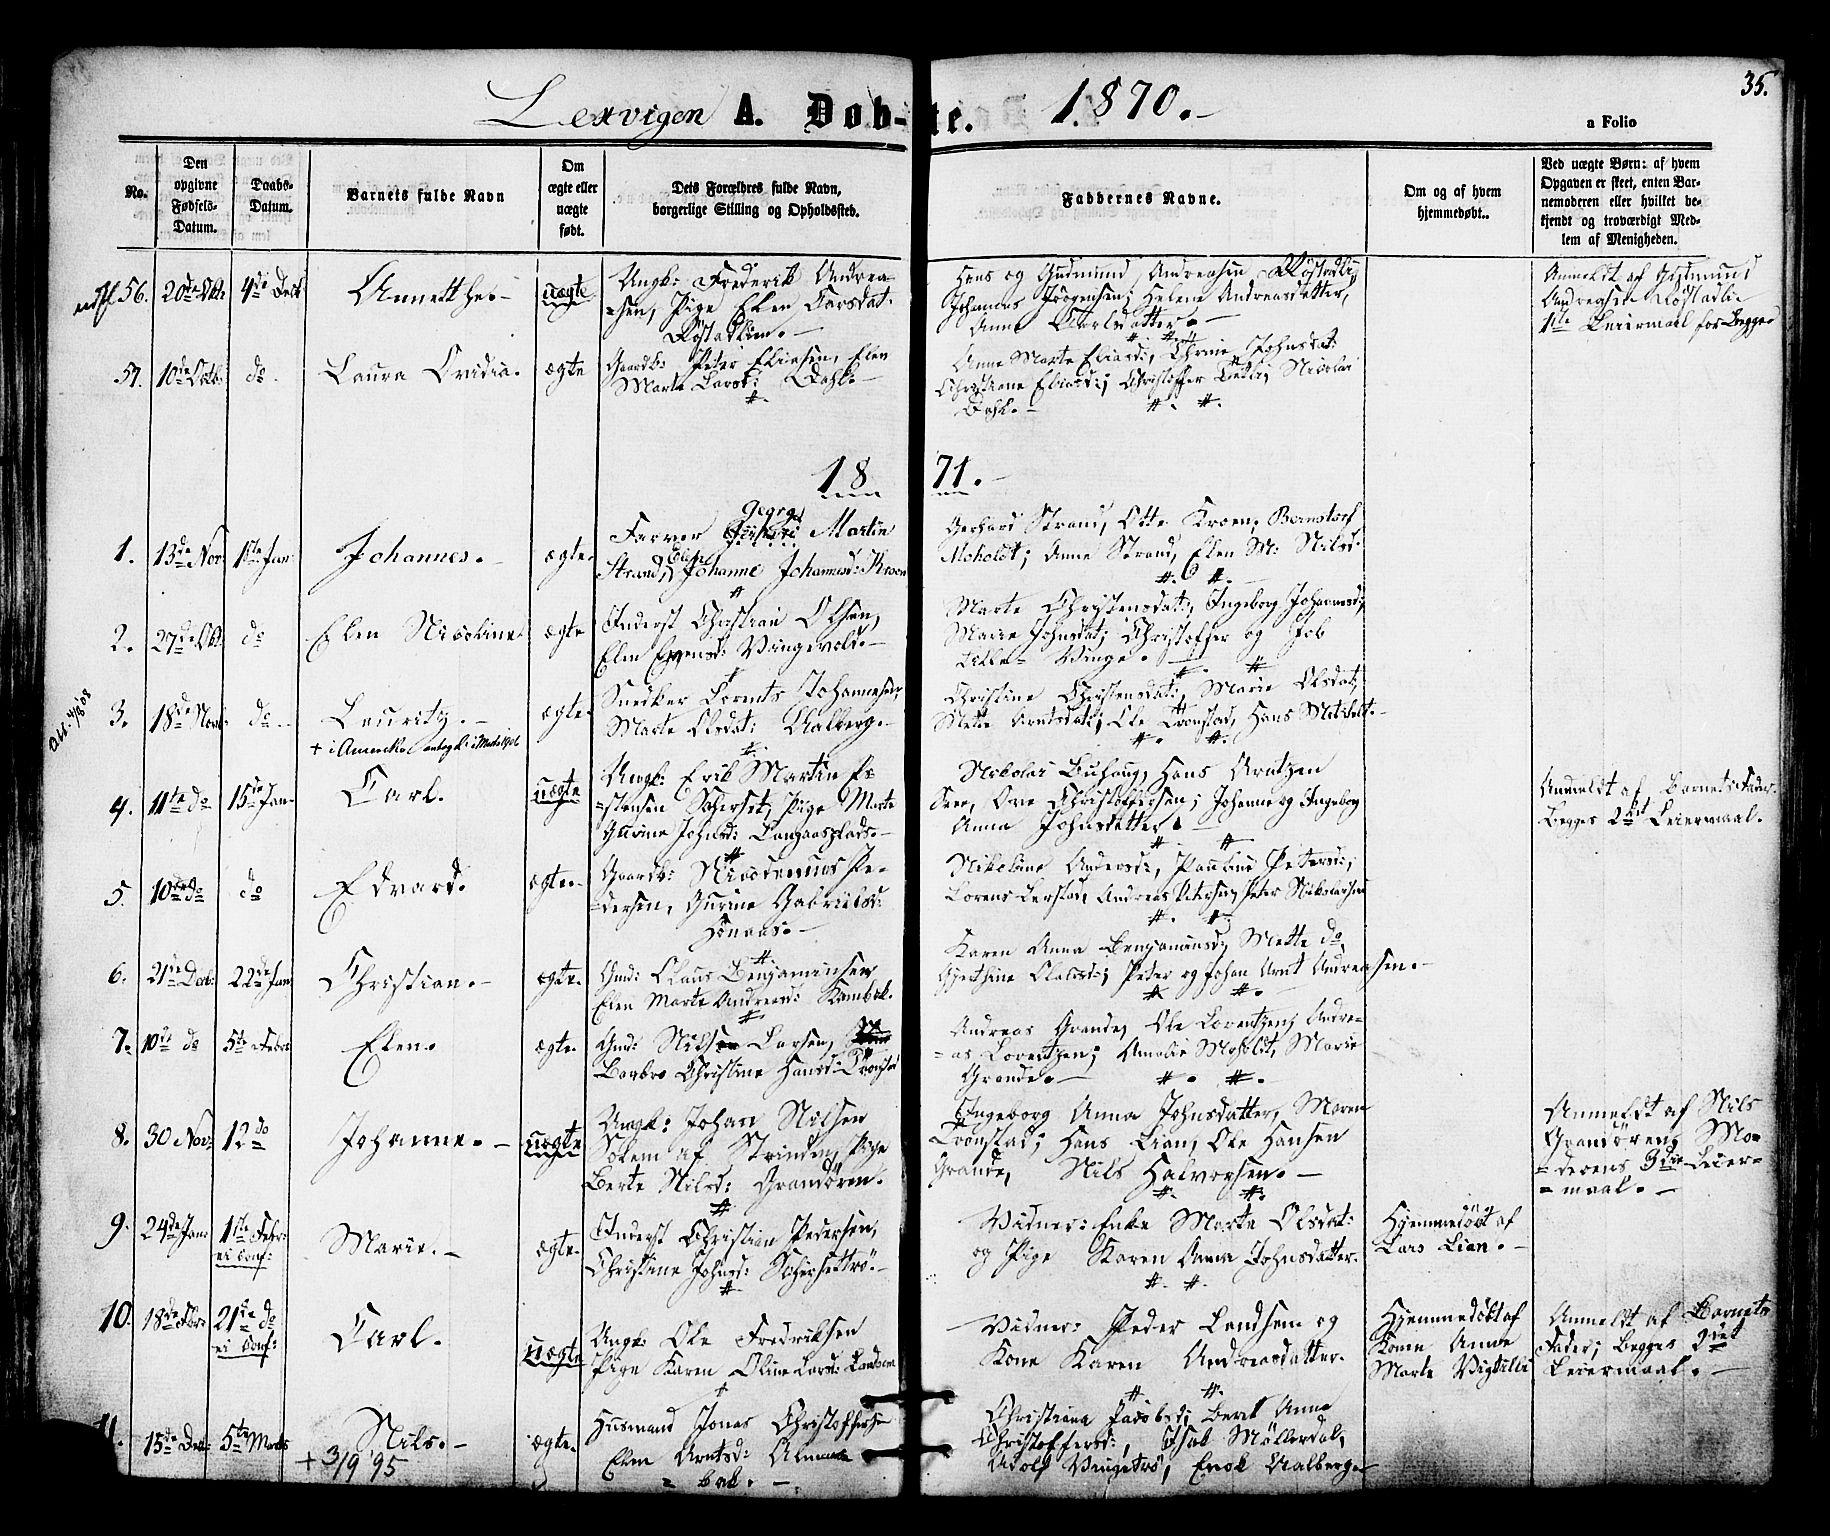 SAT, Ministerialprotokoller, klokkerbøker og fødselsregistre - Nord-Trøndelag, 701/L0009: Ministerialbok nr. 701A09 /1, 1864-1882, s. 35